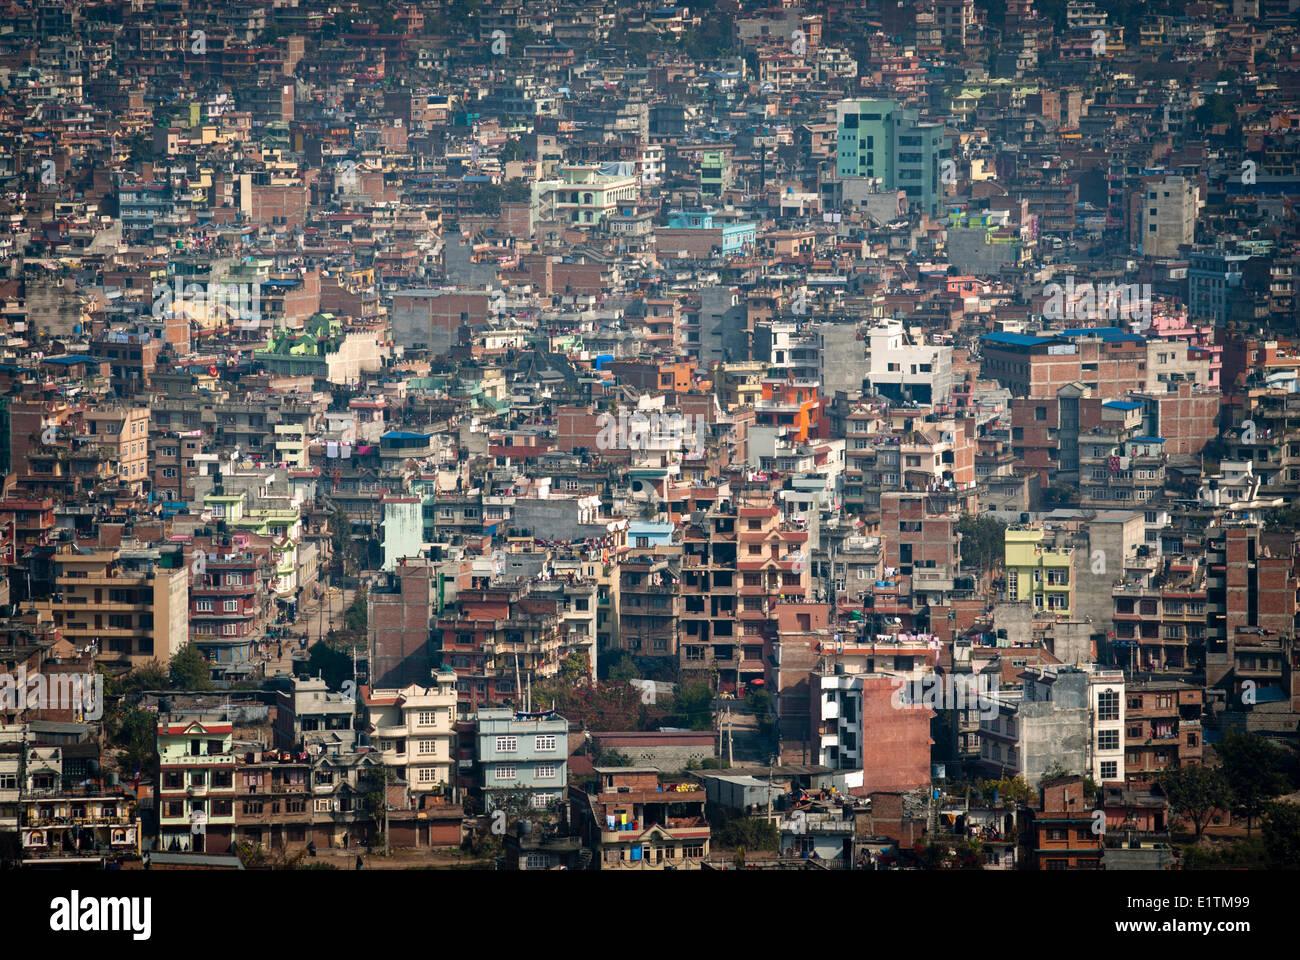 The view of Kathmandu from Swayambhunath above Kathmandu, Nepal - Stock Image